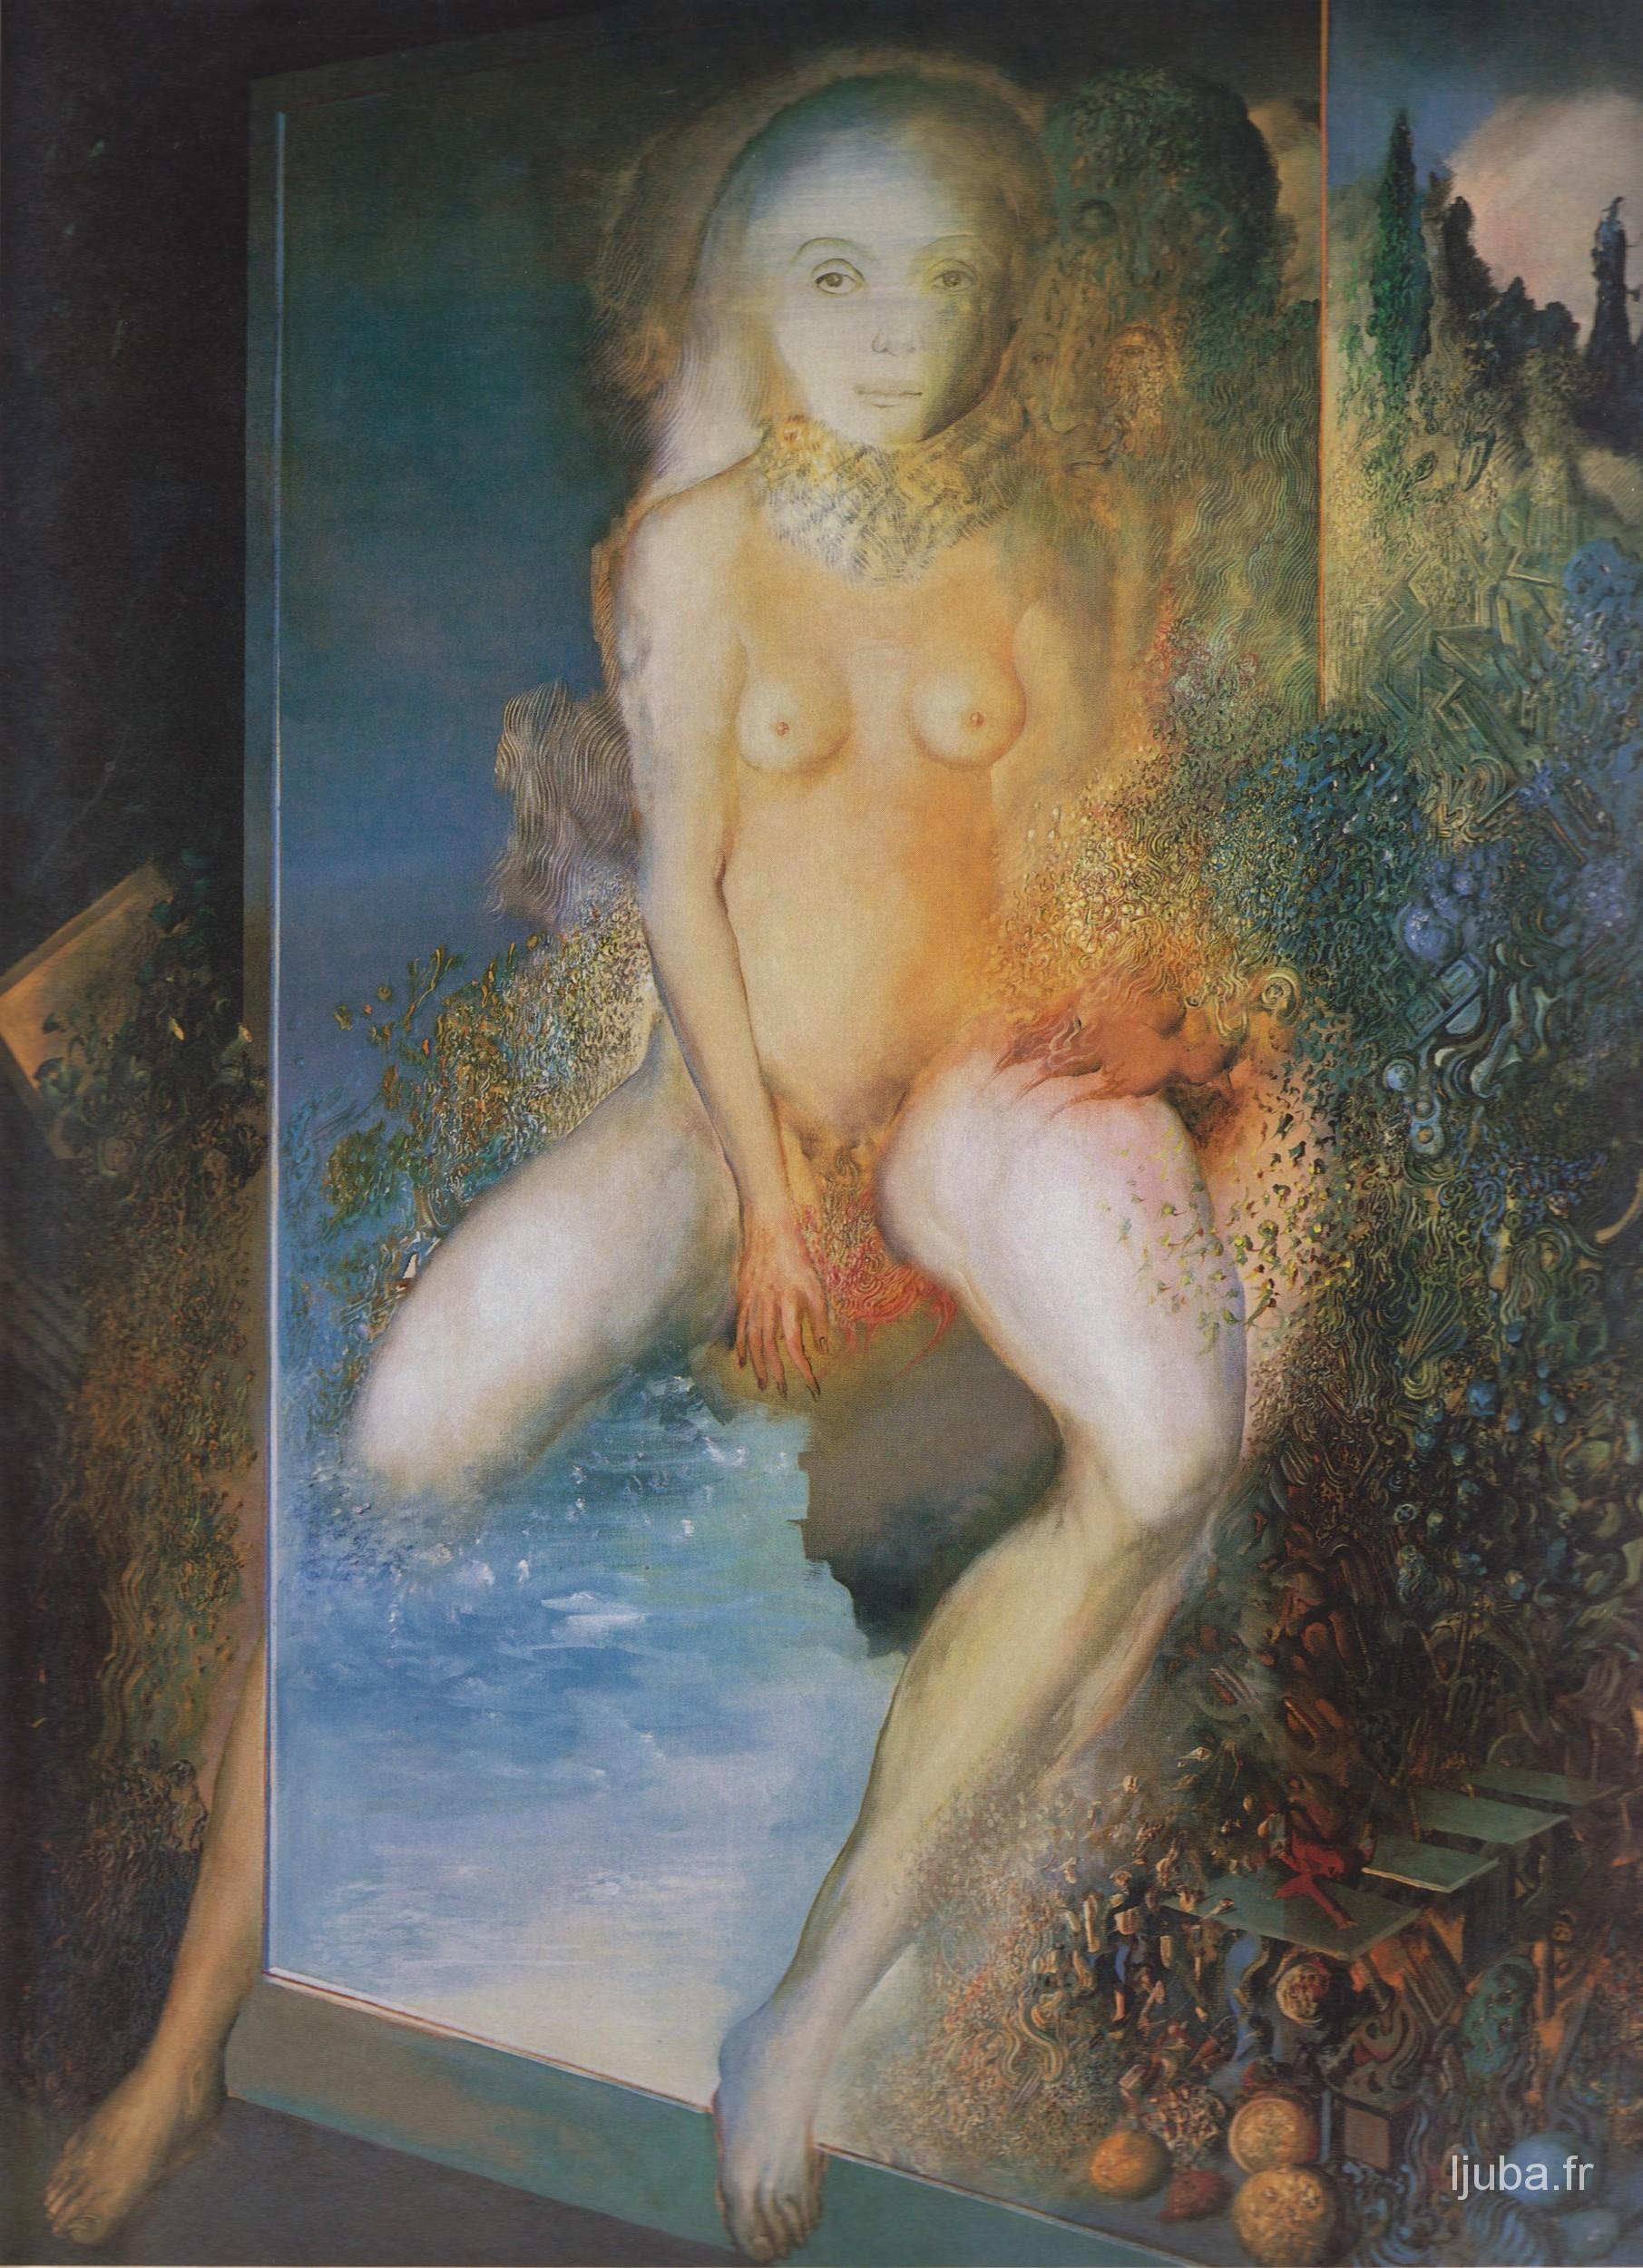 Ljuba Popovic - L'amour dans le miroir, 1980